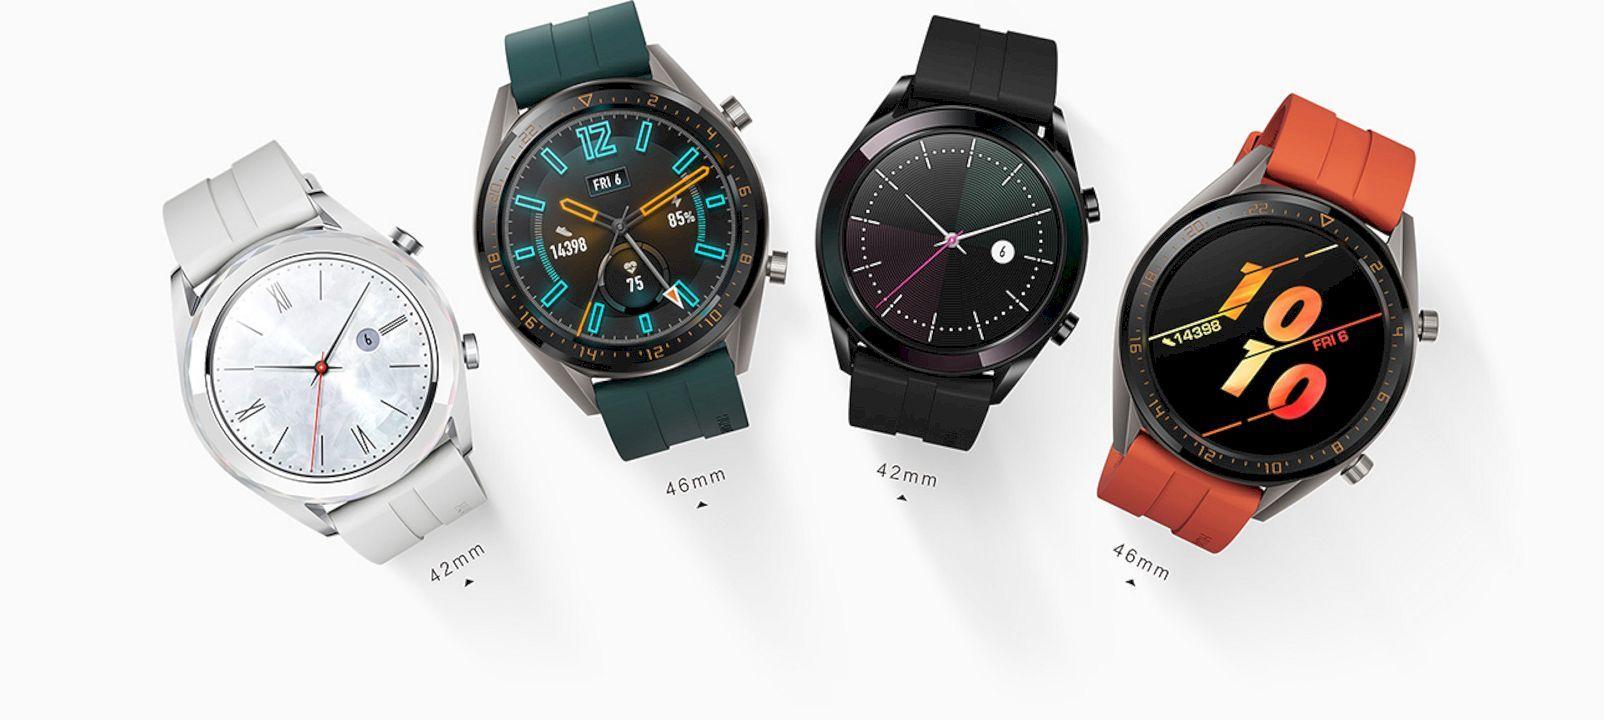 Huawei Watch Gt Ready To Explore Huawei Watch Huawei Digital Watch Face